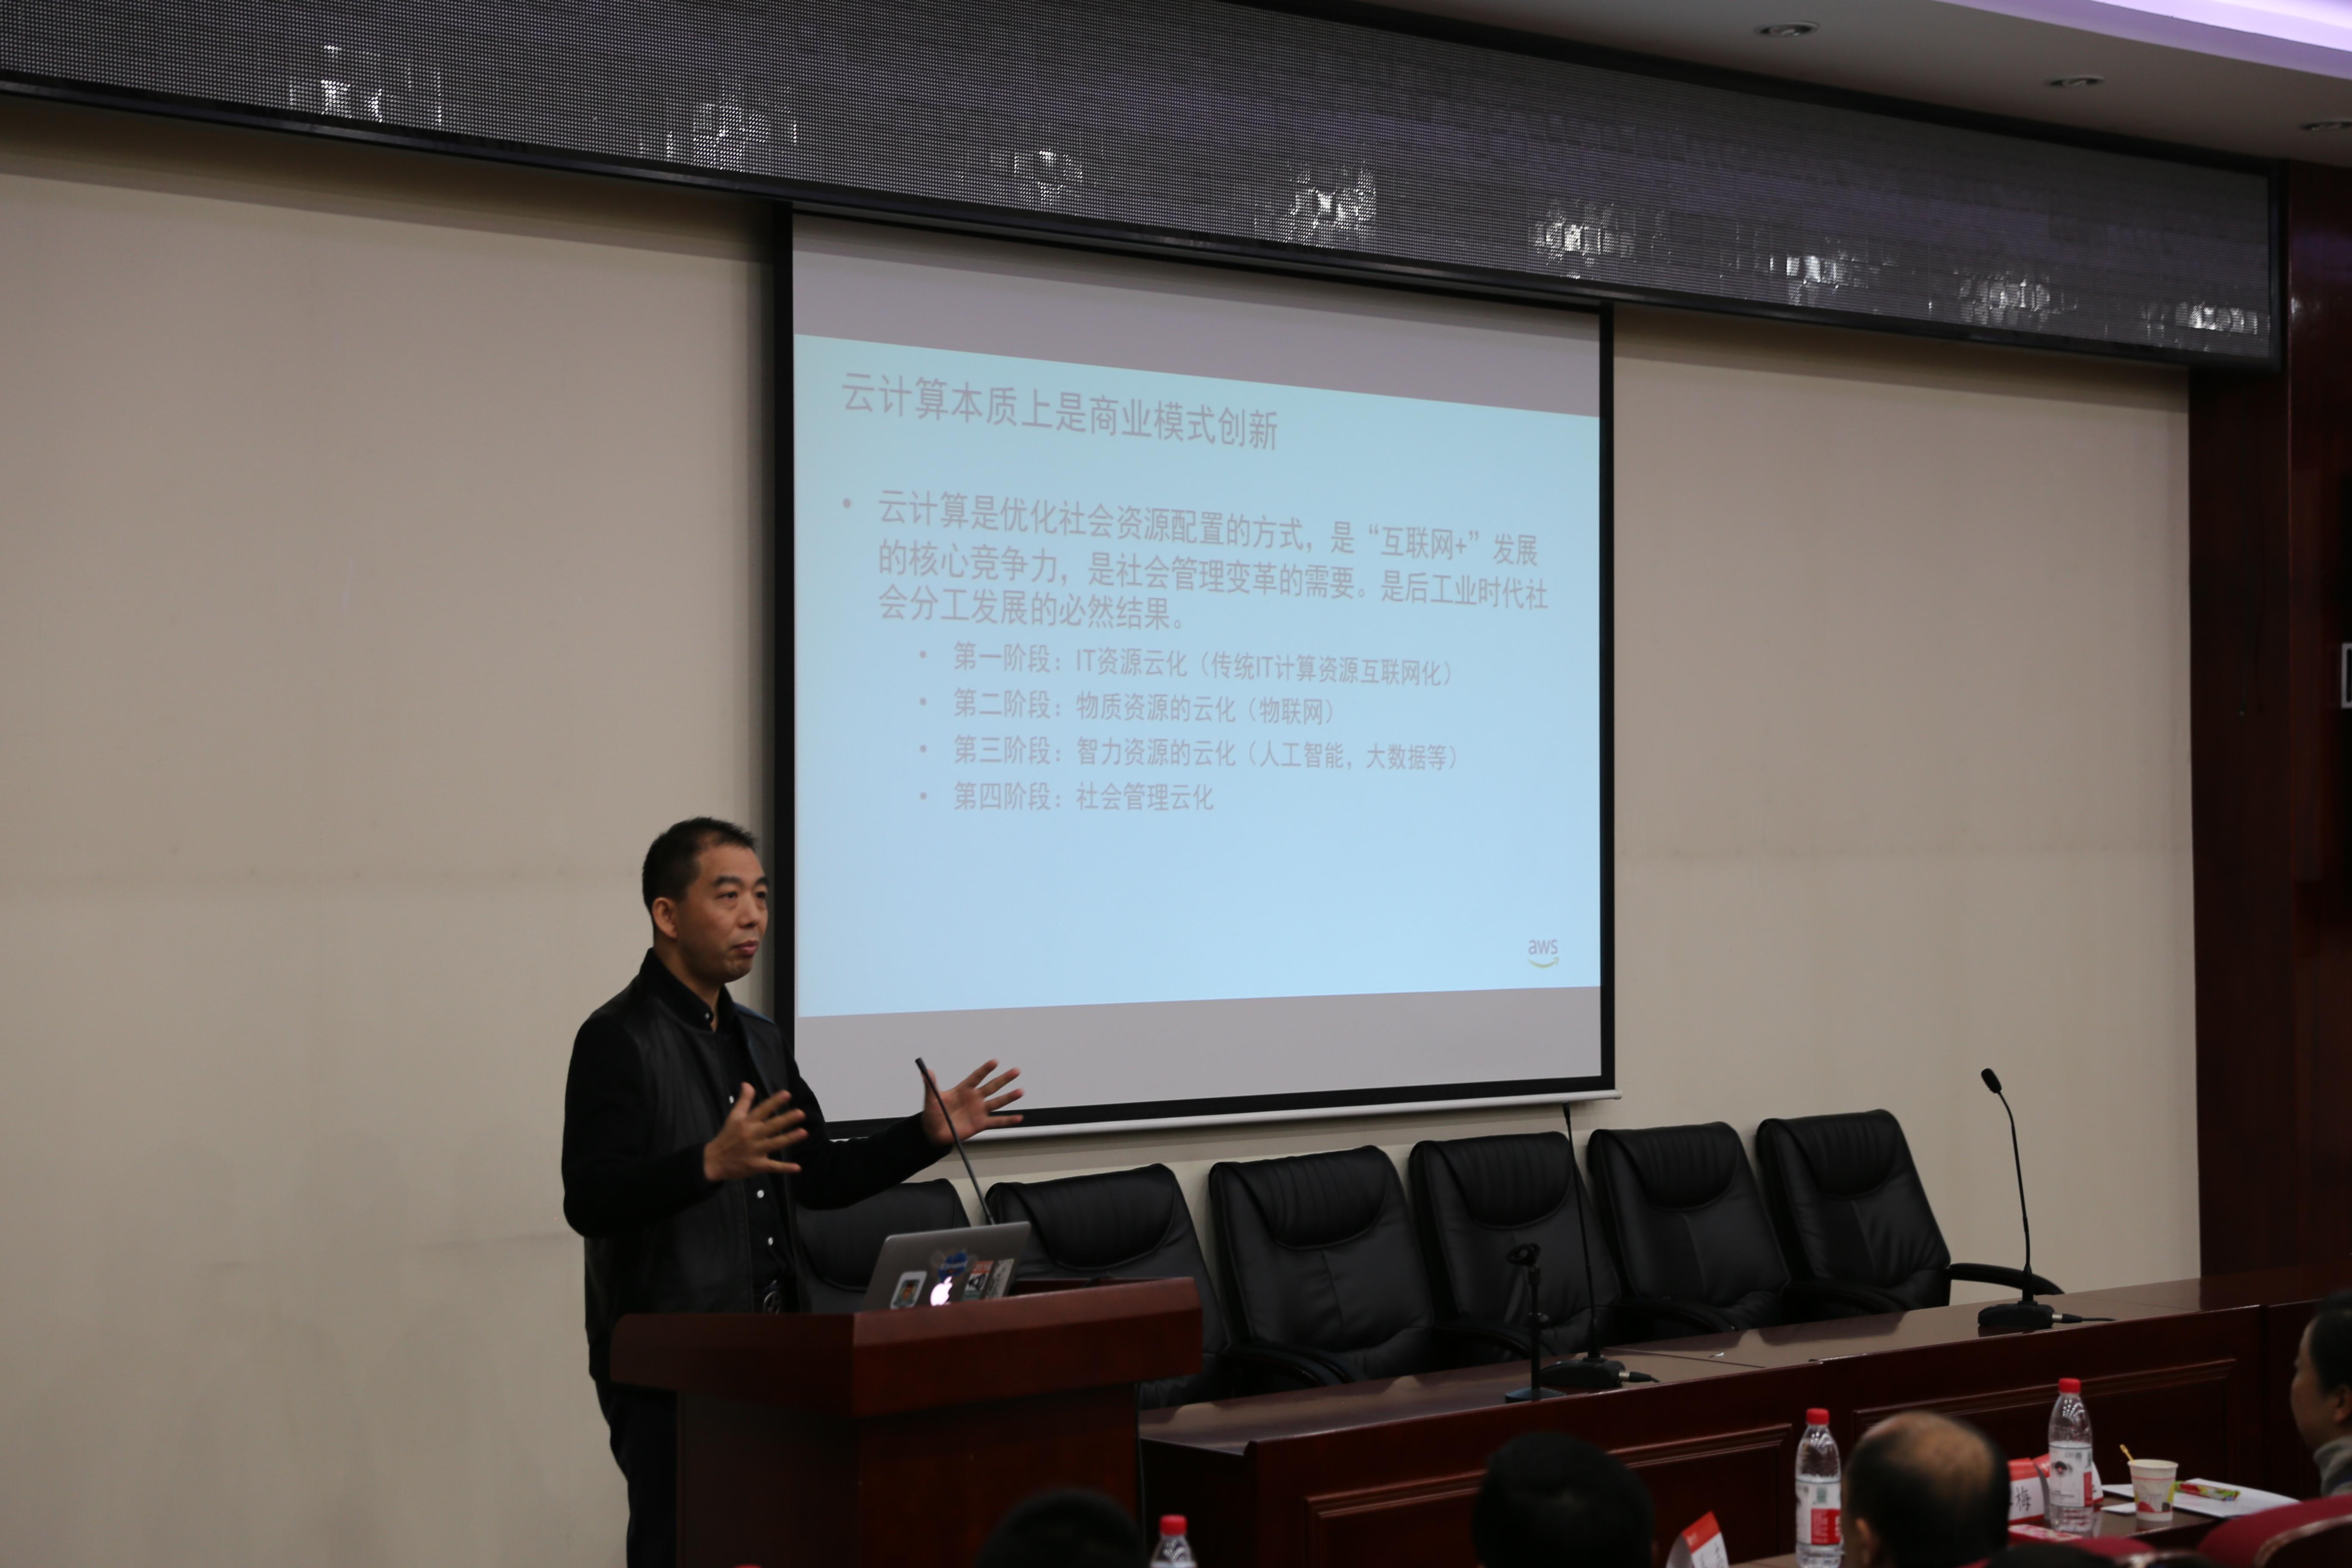 亚马逊首席安全官王绍斌主题为《可信计算在云计算中的实践探讨》的报告